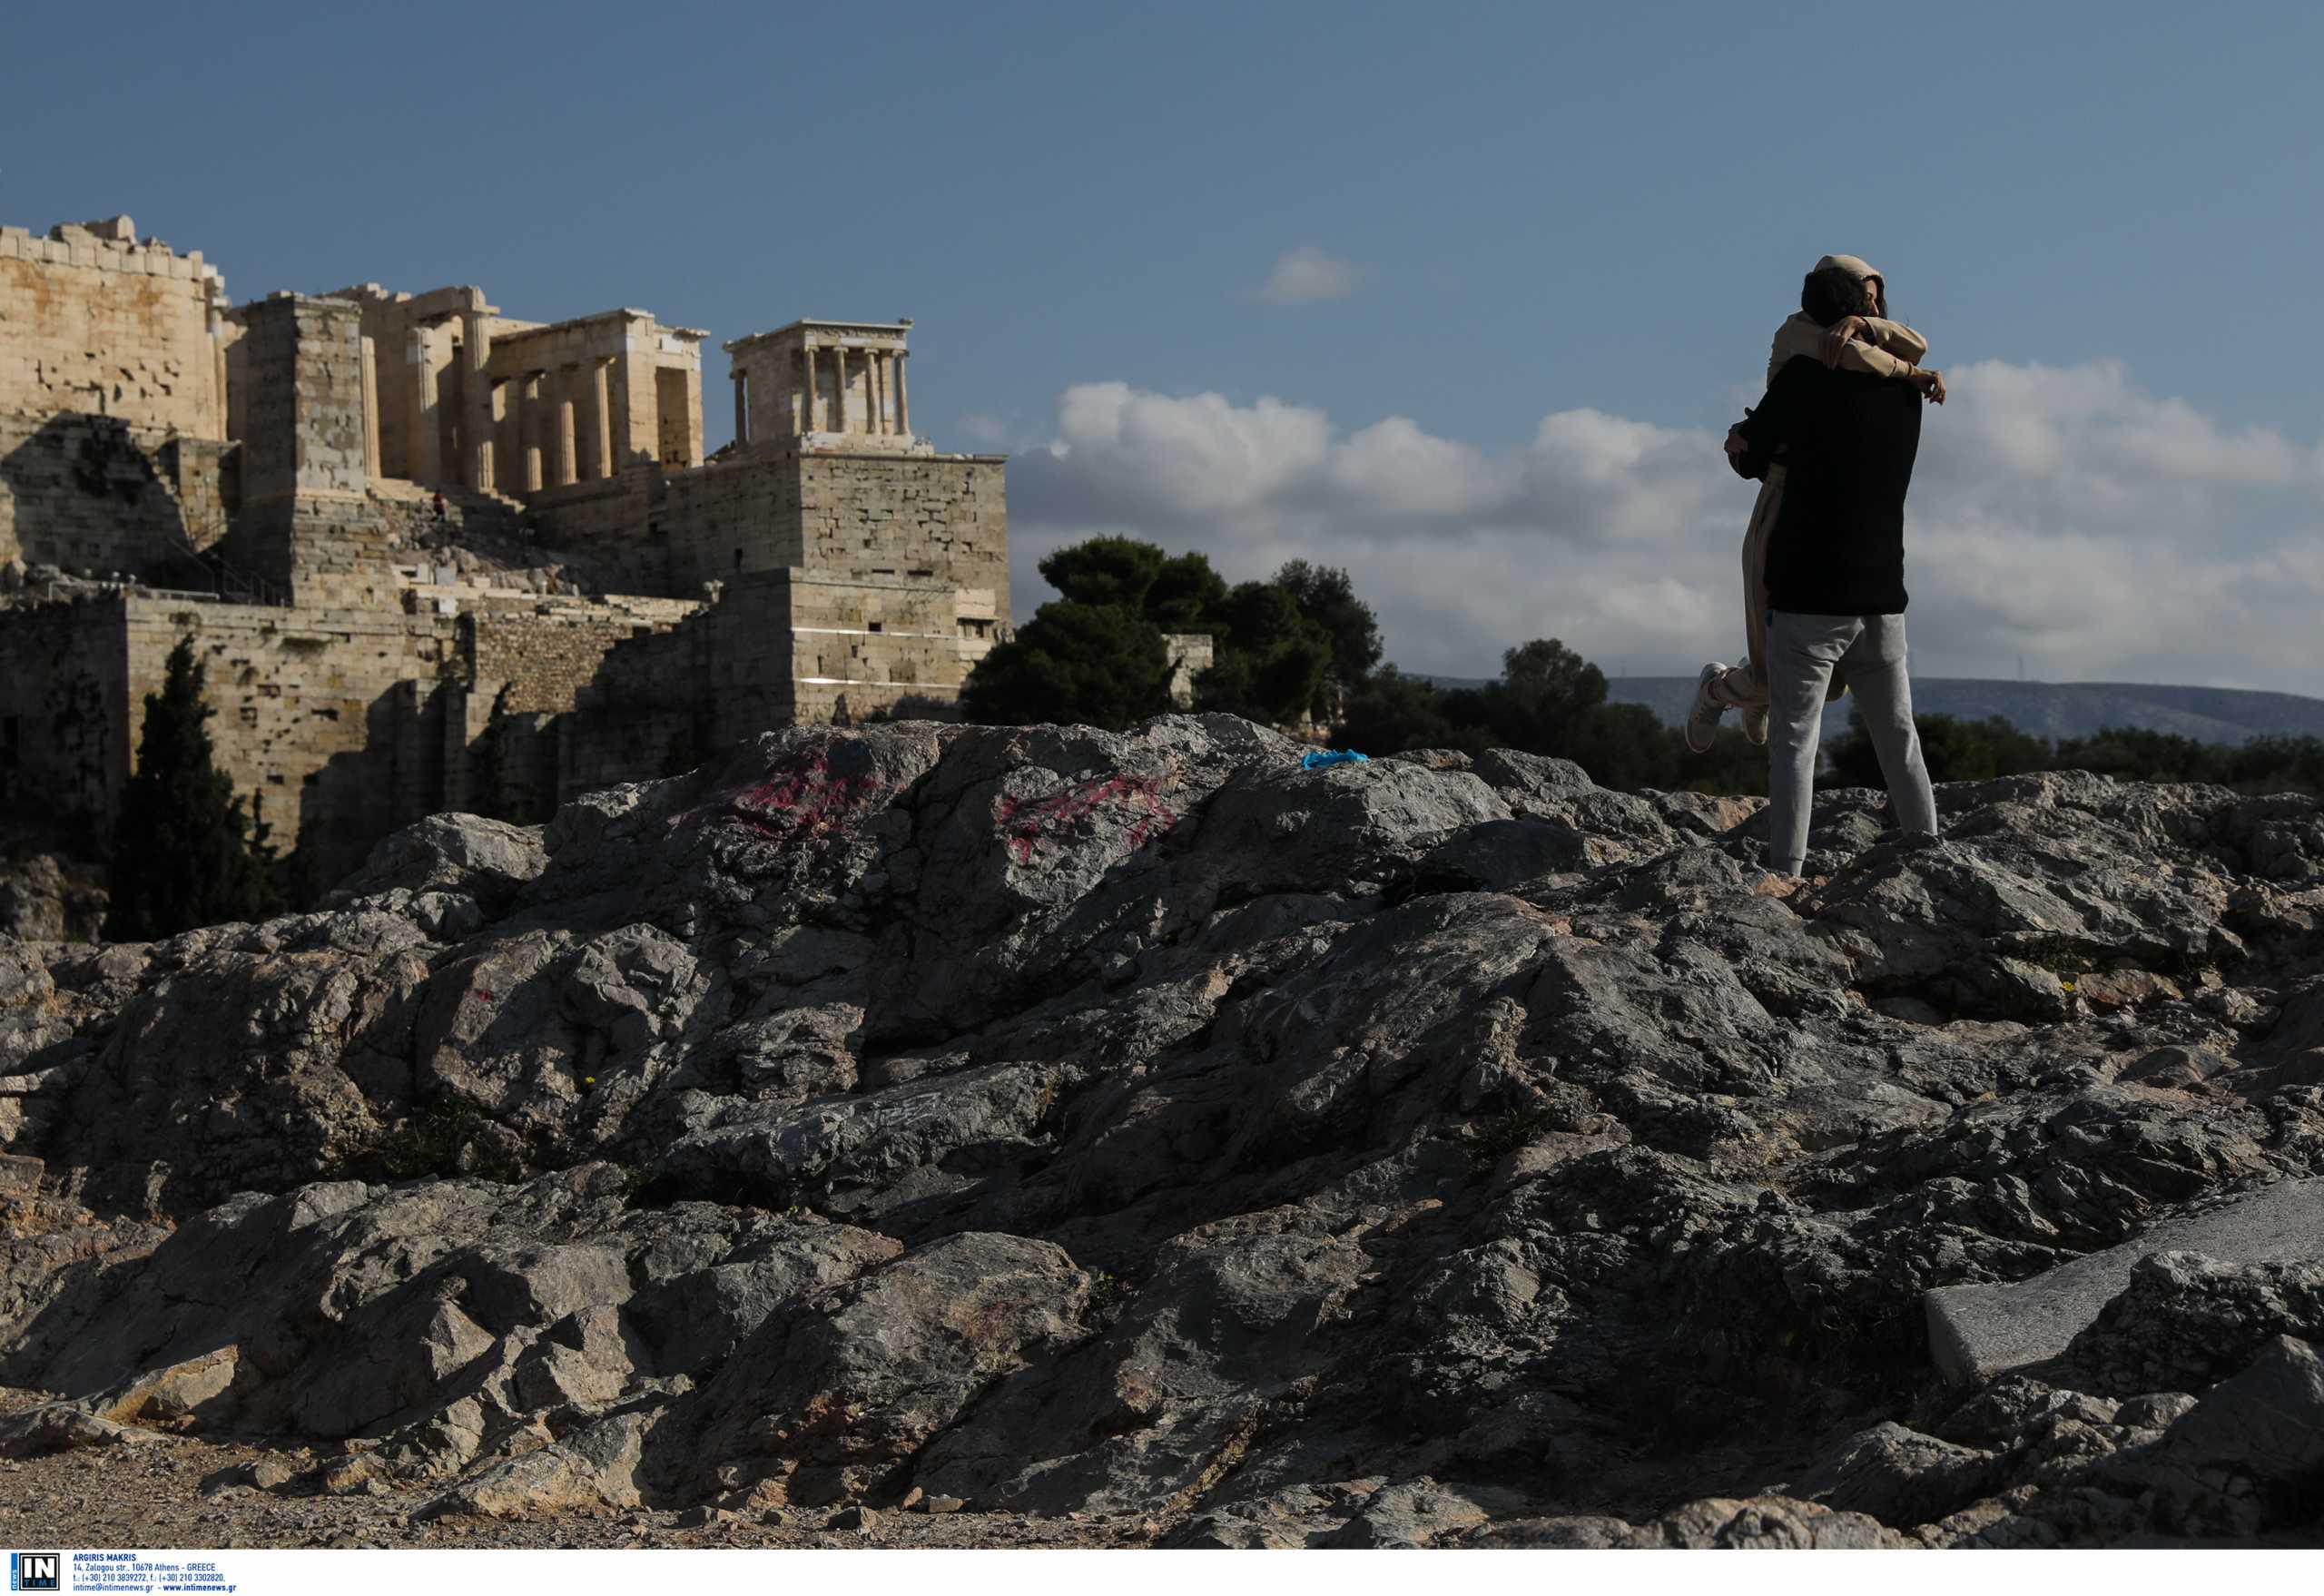 Η τεχνολογία σύμμαχος στην ανάδειξη της πολιτιστικής κληρονομιάς: Δωρεάν wifi σε 25 αρχαιολογικούς χώρους και μουσεία